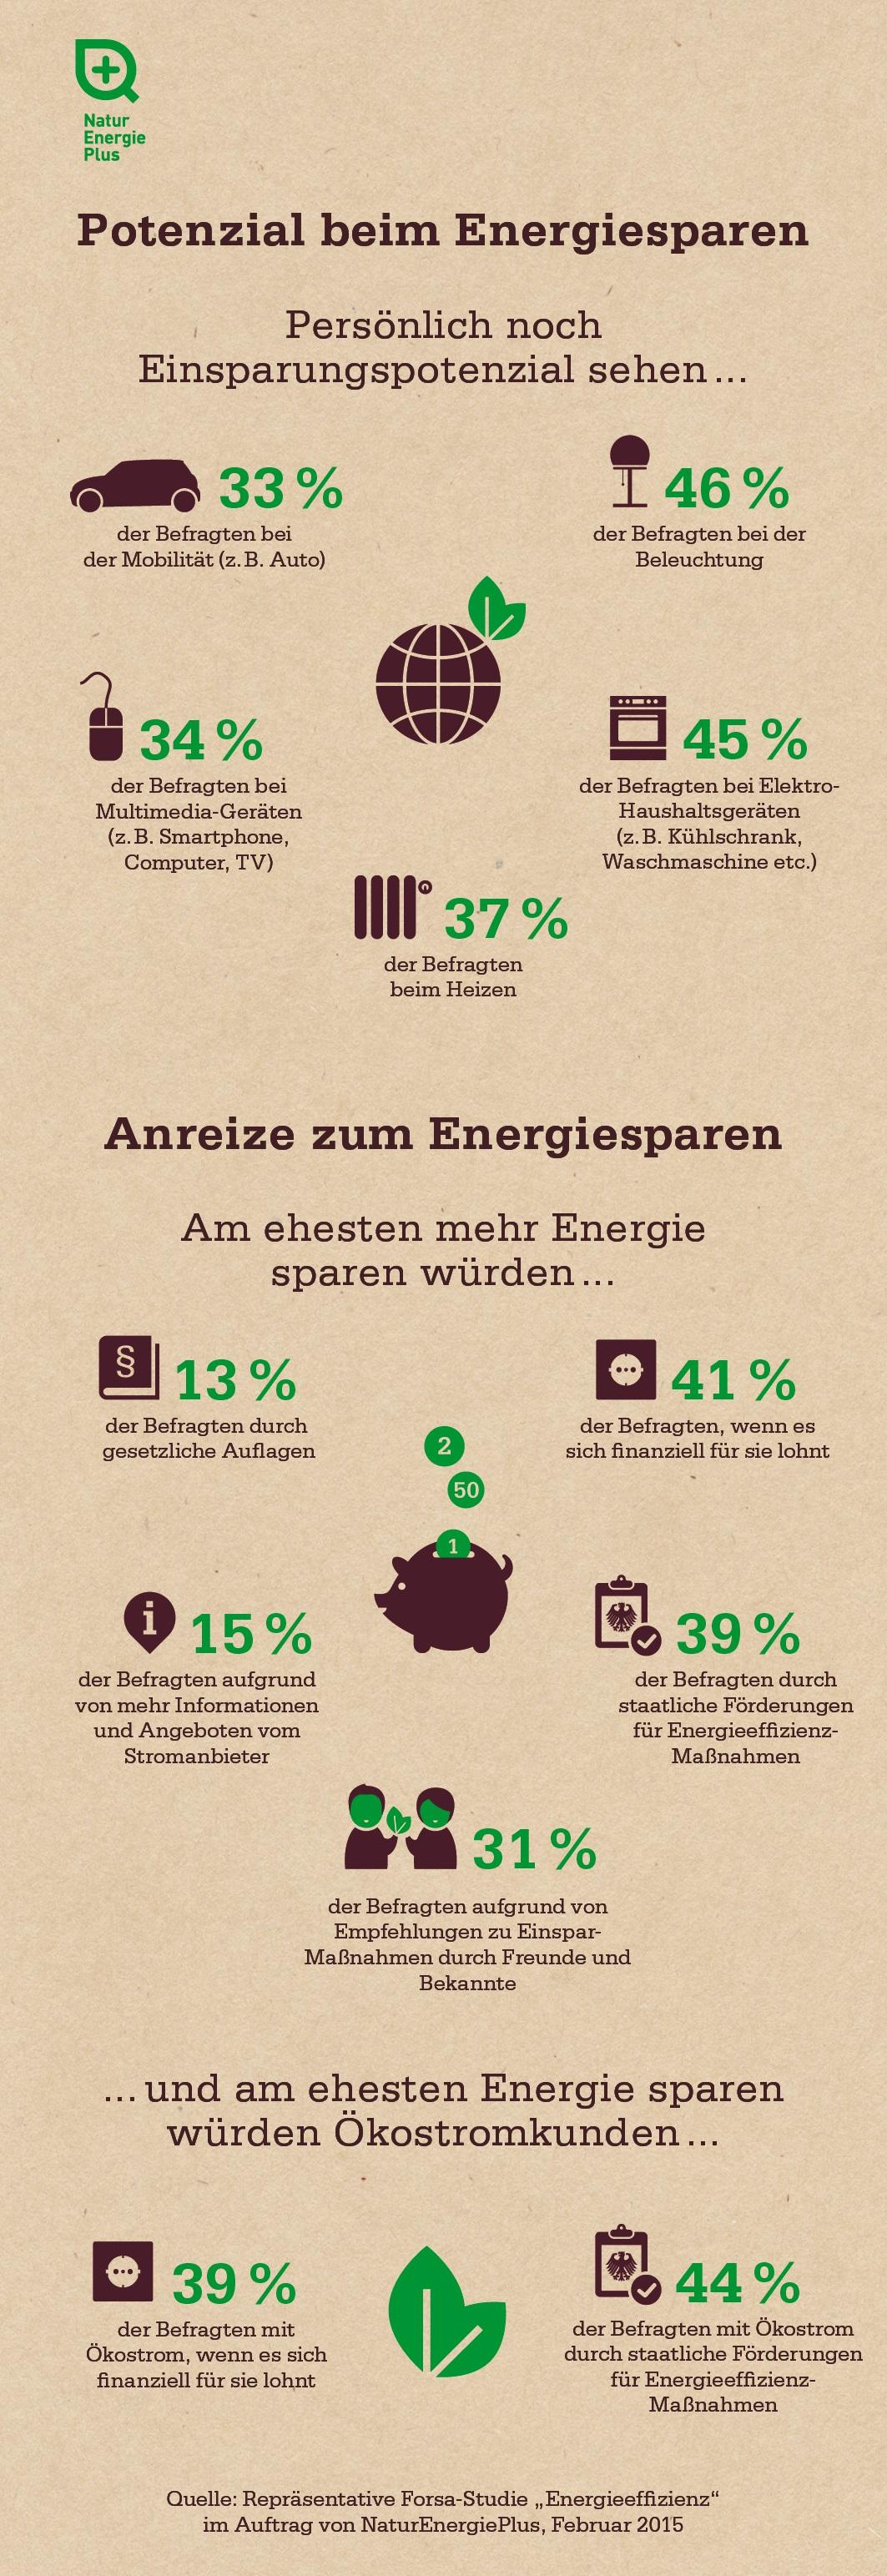 Energiesparen, Energieeffizienz